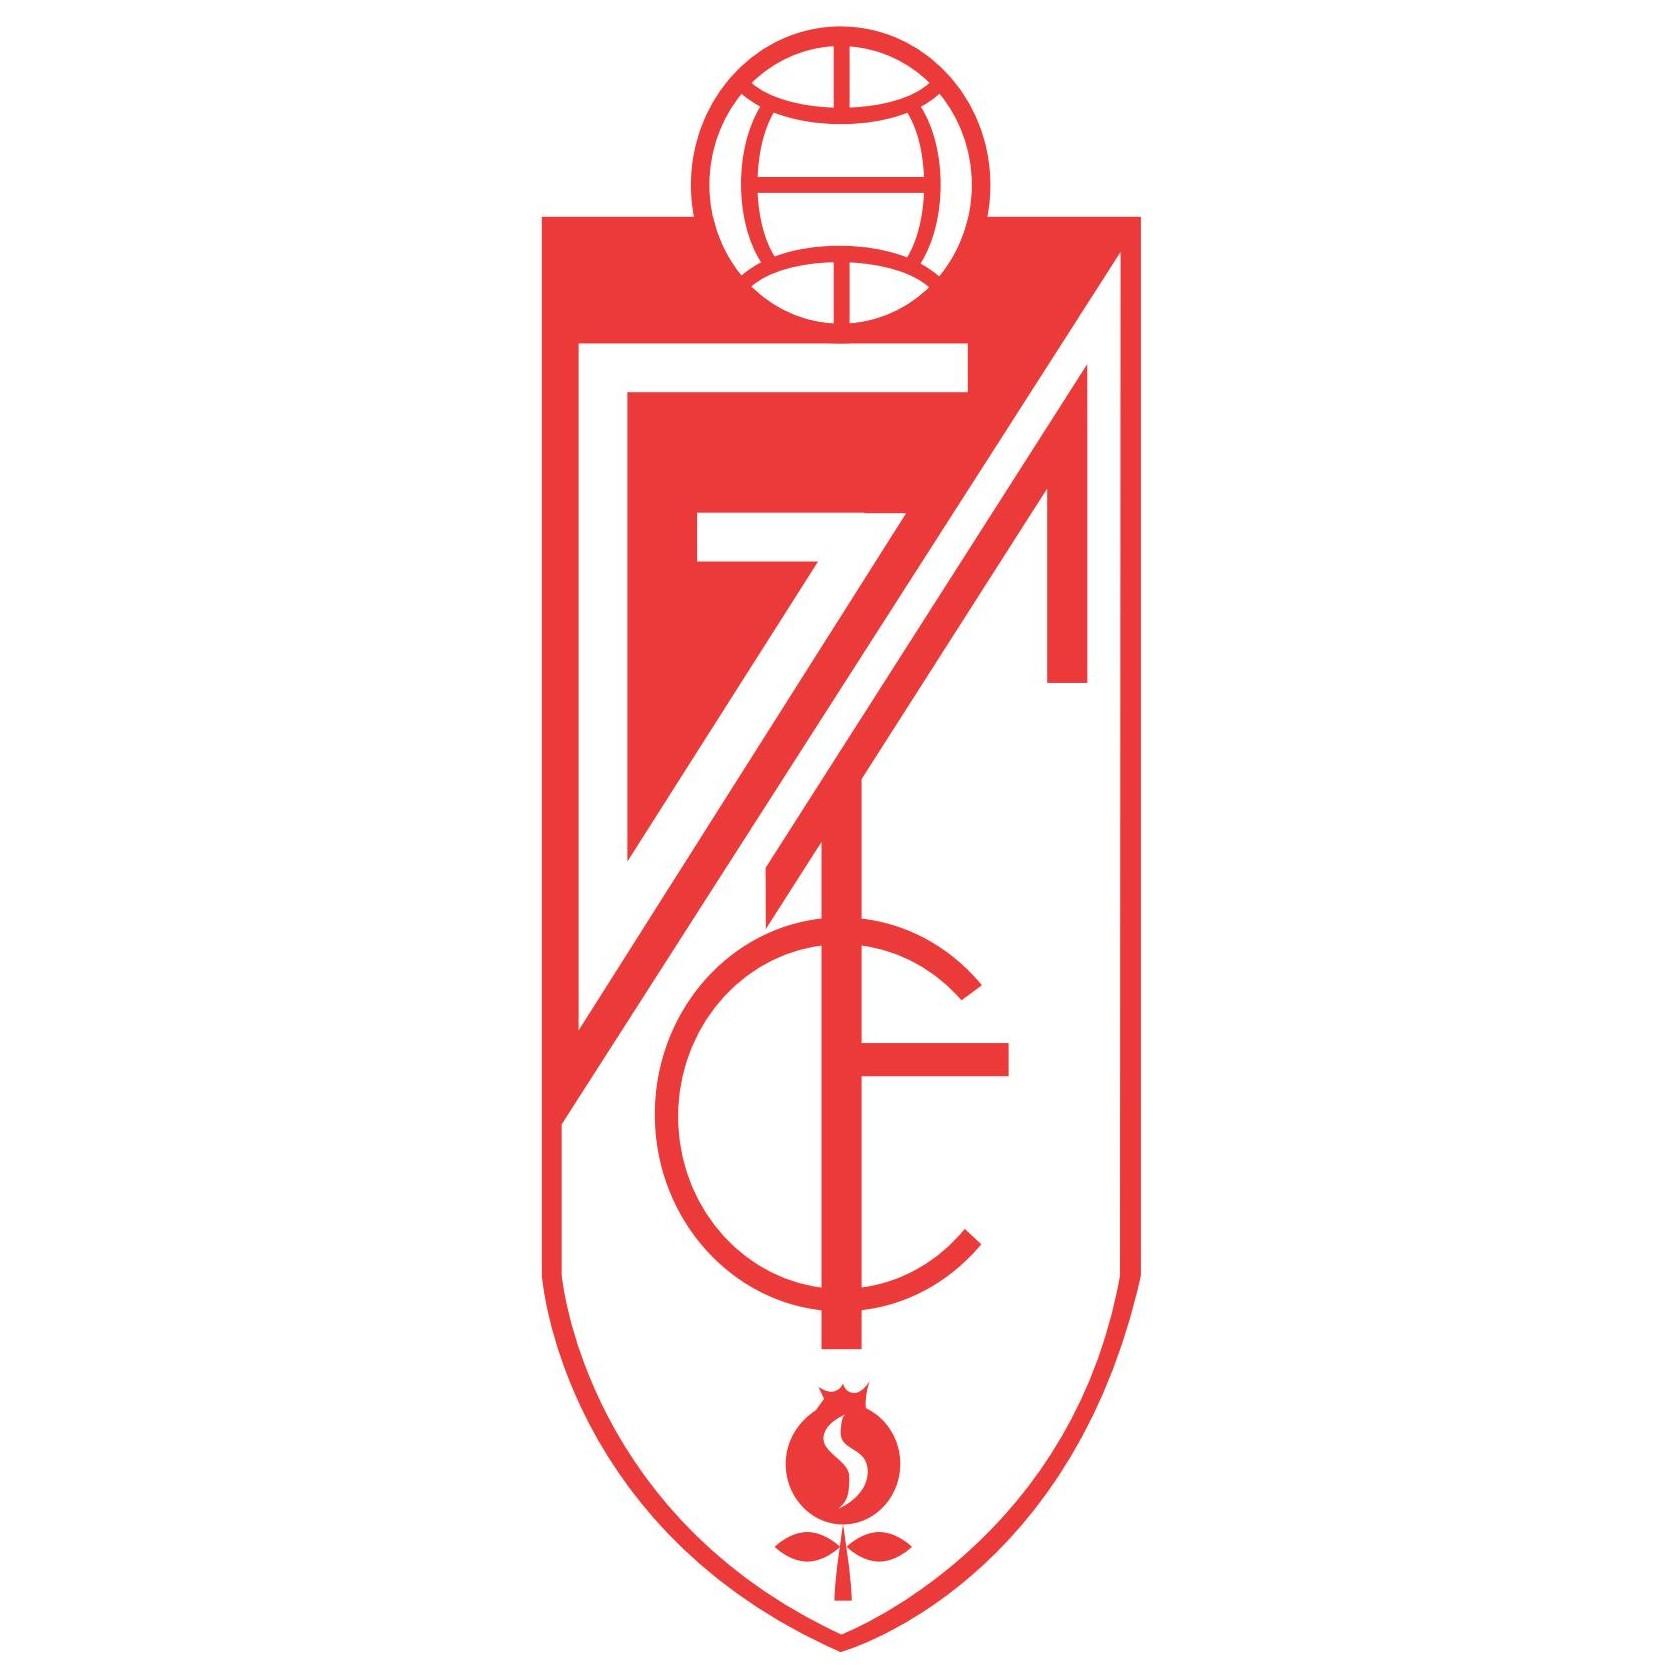 تاريخ وأنجازات نادي غرناطة الأسباني